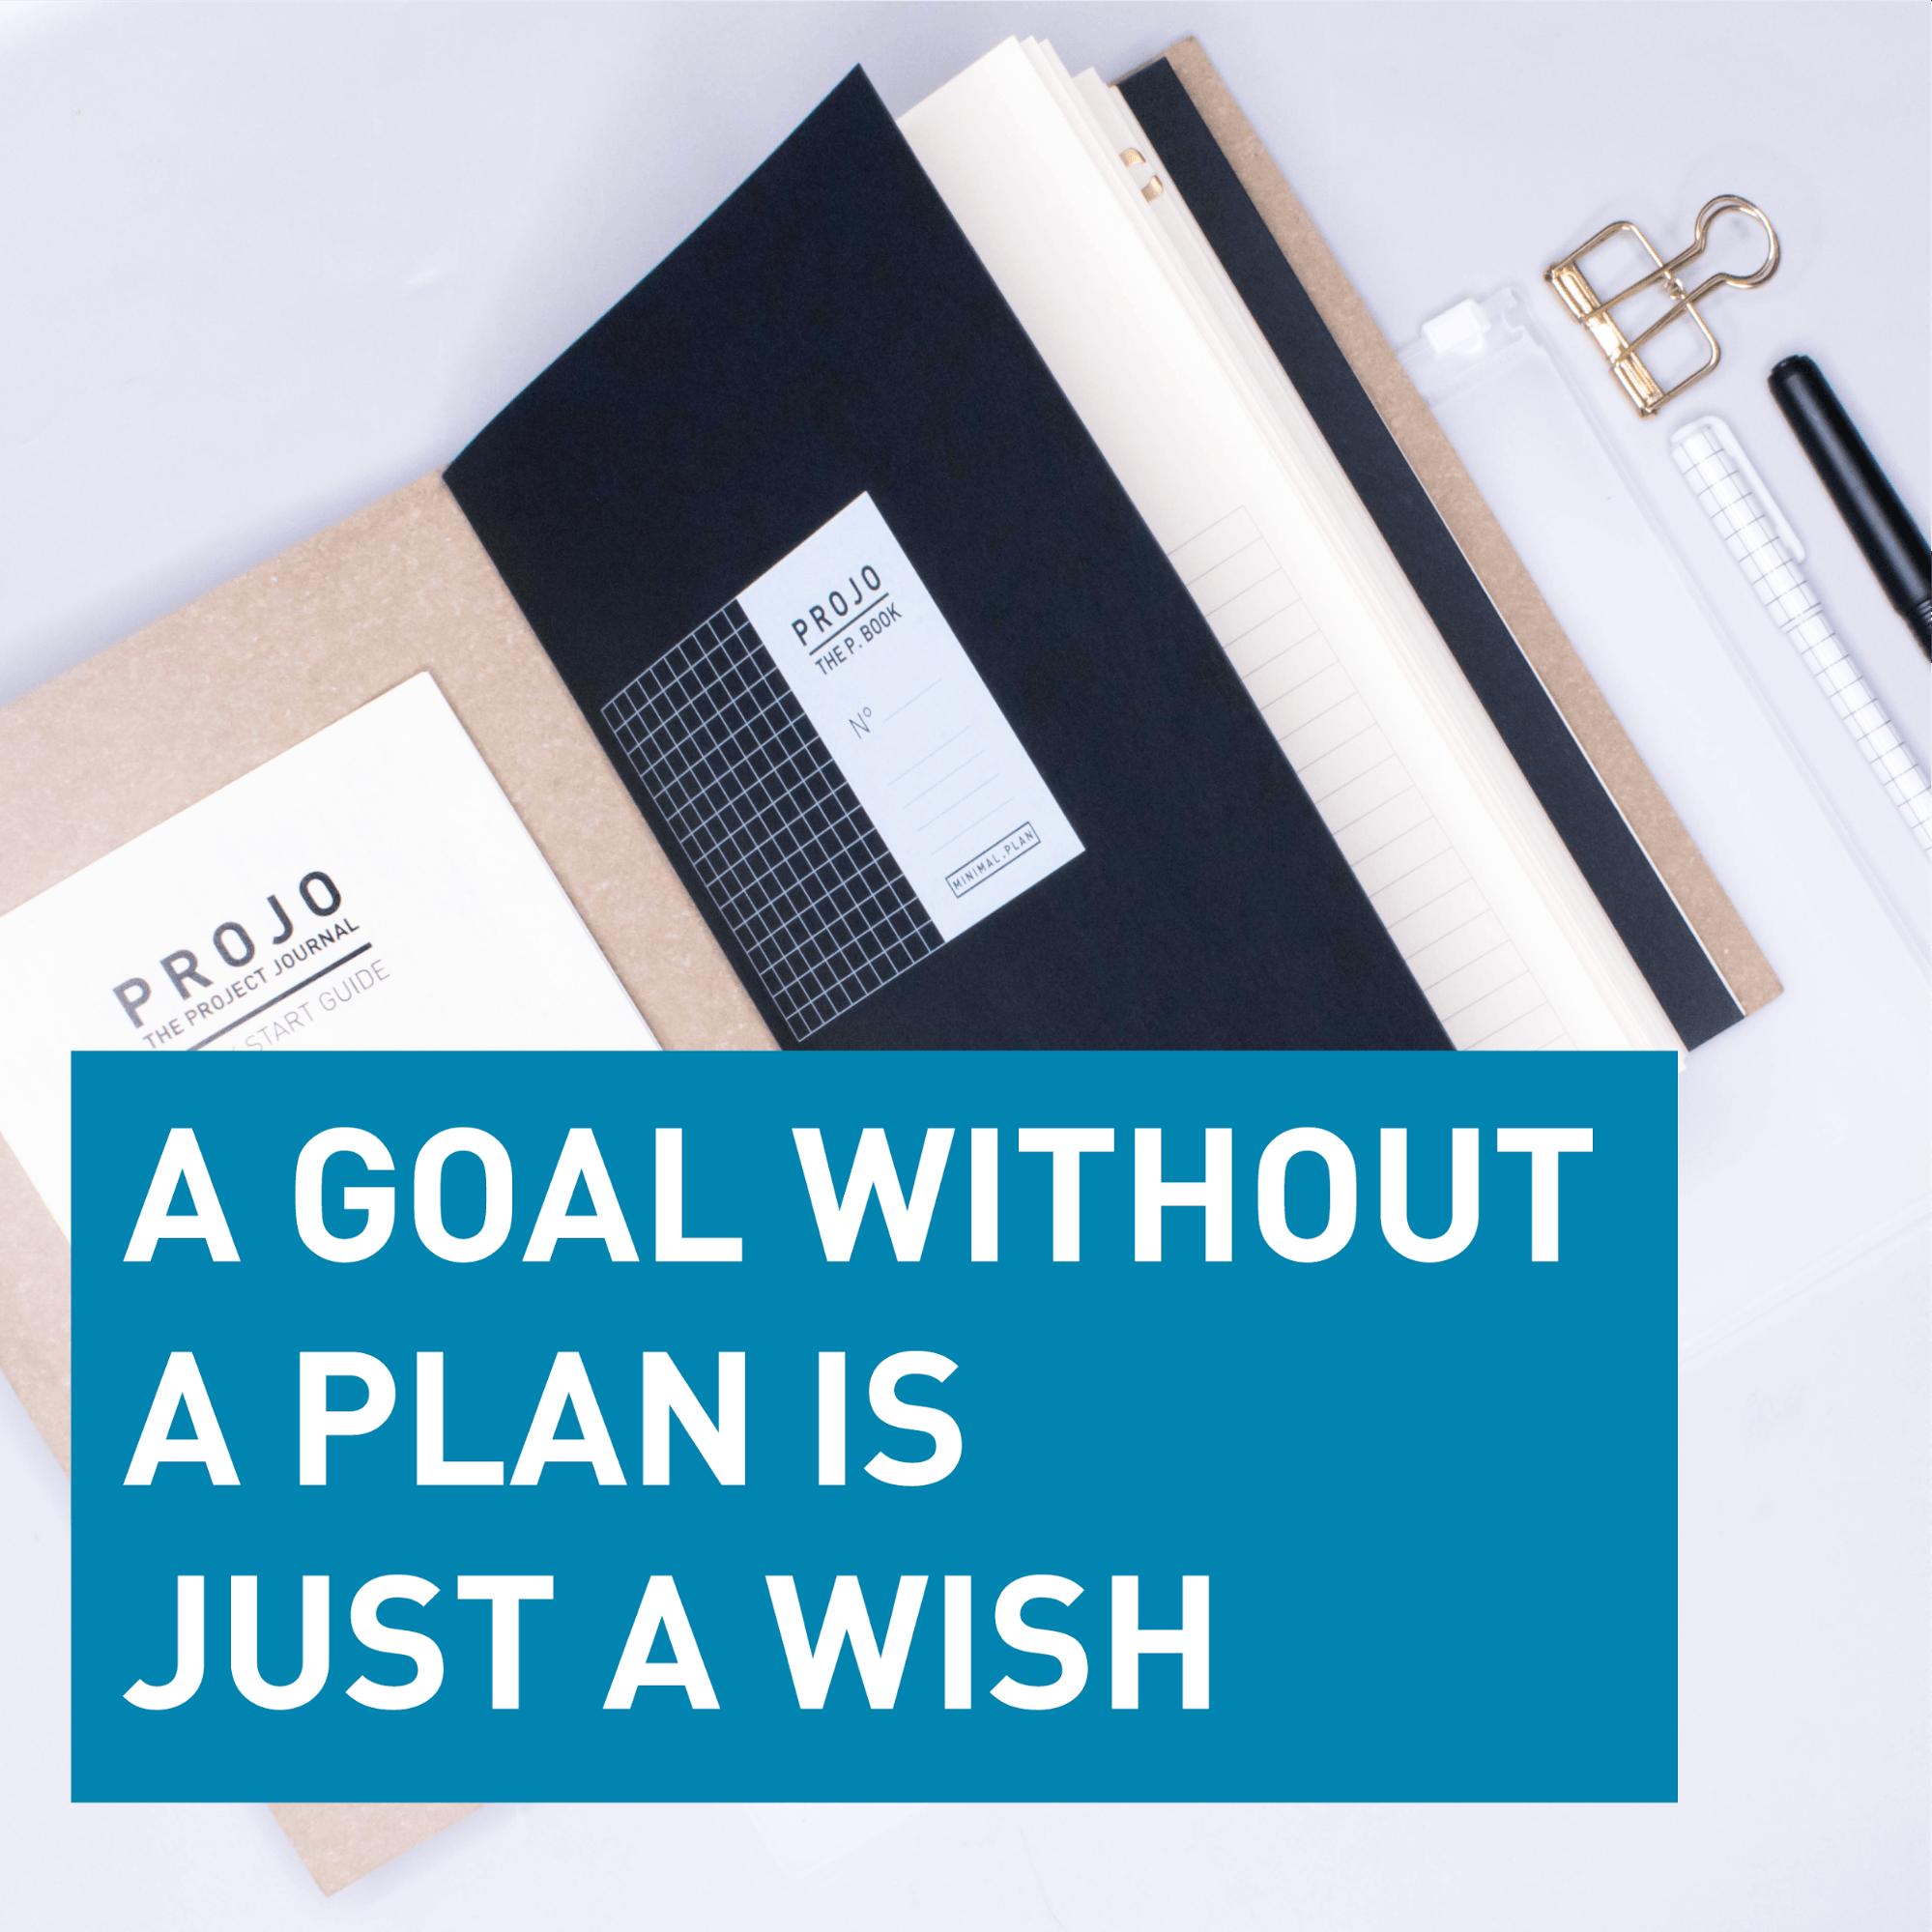 Un objectif sans plan est un rêve